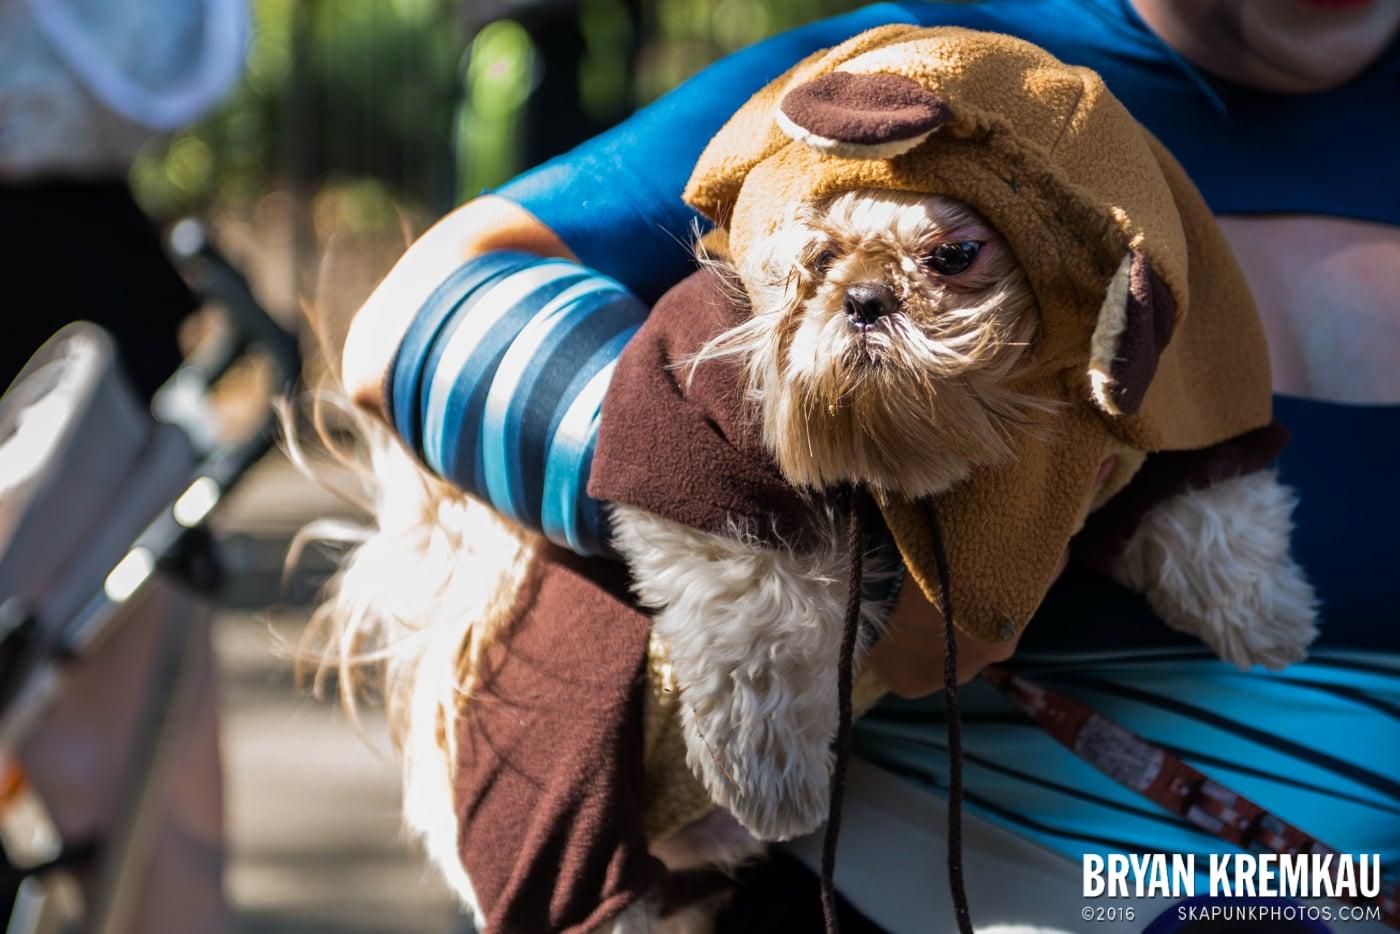 Tompkins Square Halloween Dog Parade 2013 @ Tompkins Square Park, NYC - 10.26.13 (19)